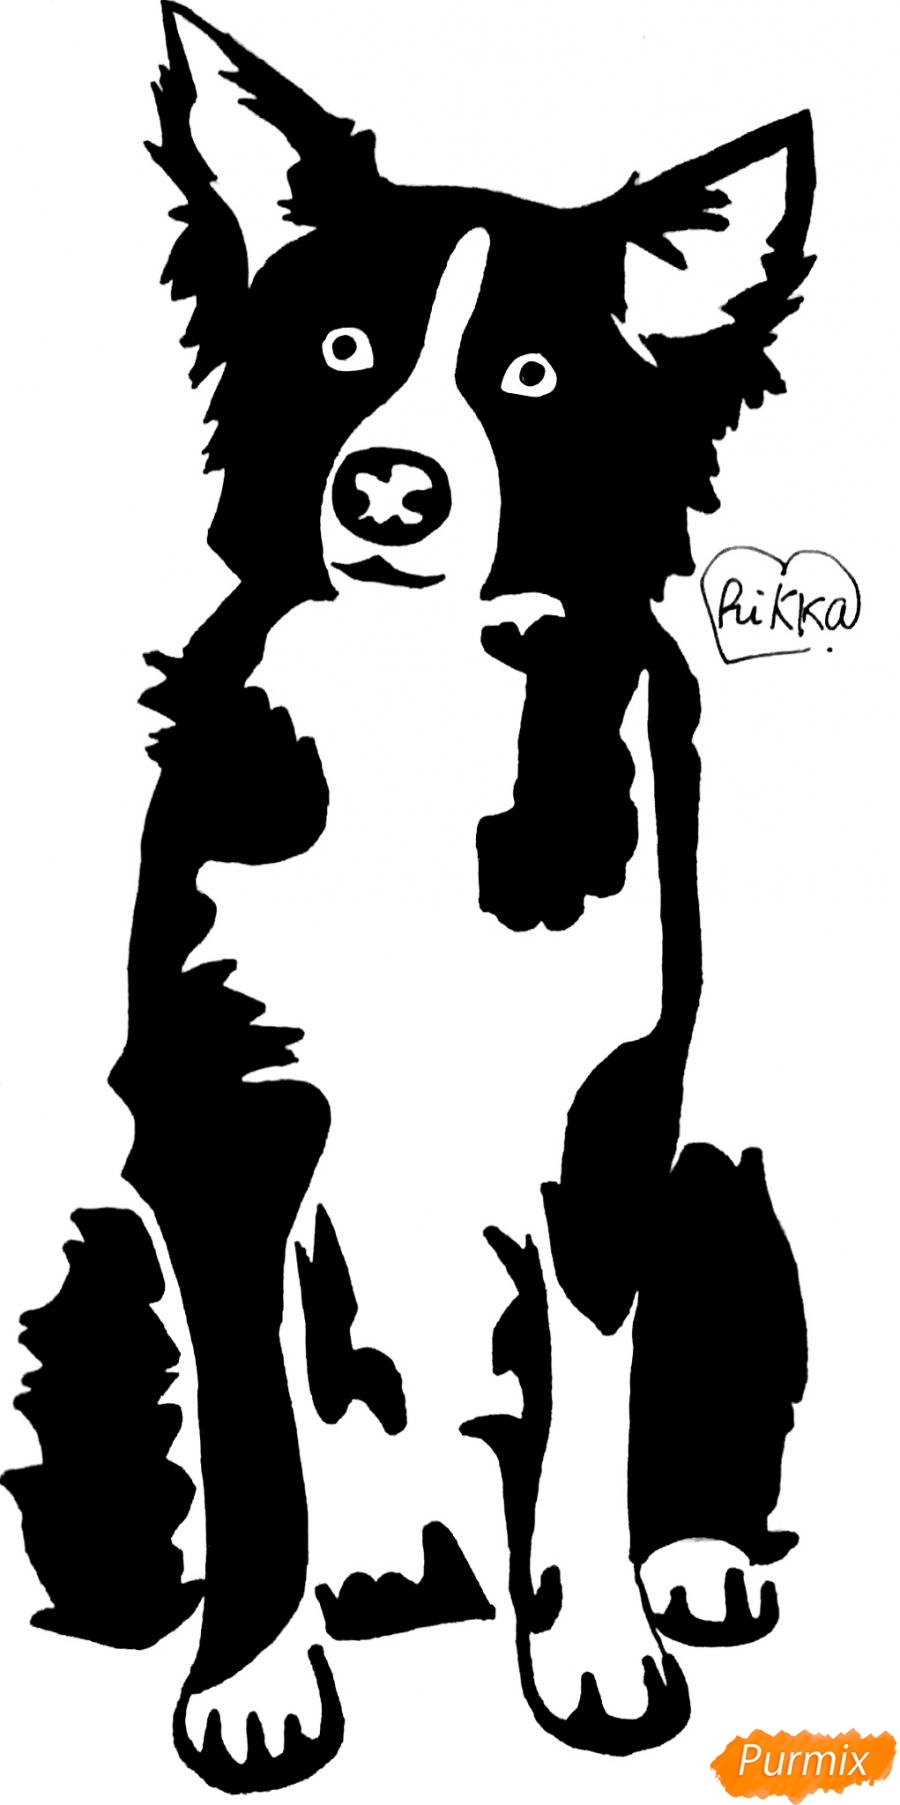 Рисуем тату собаку - фото 11